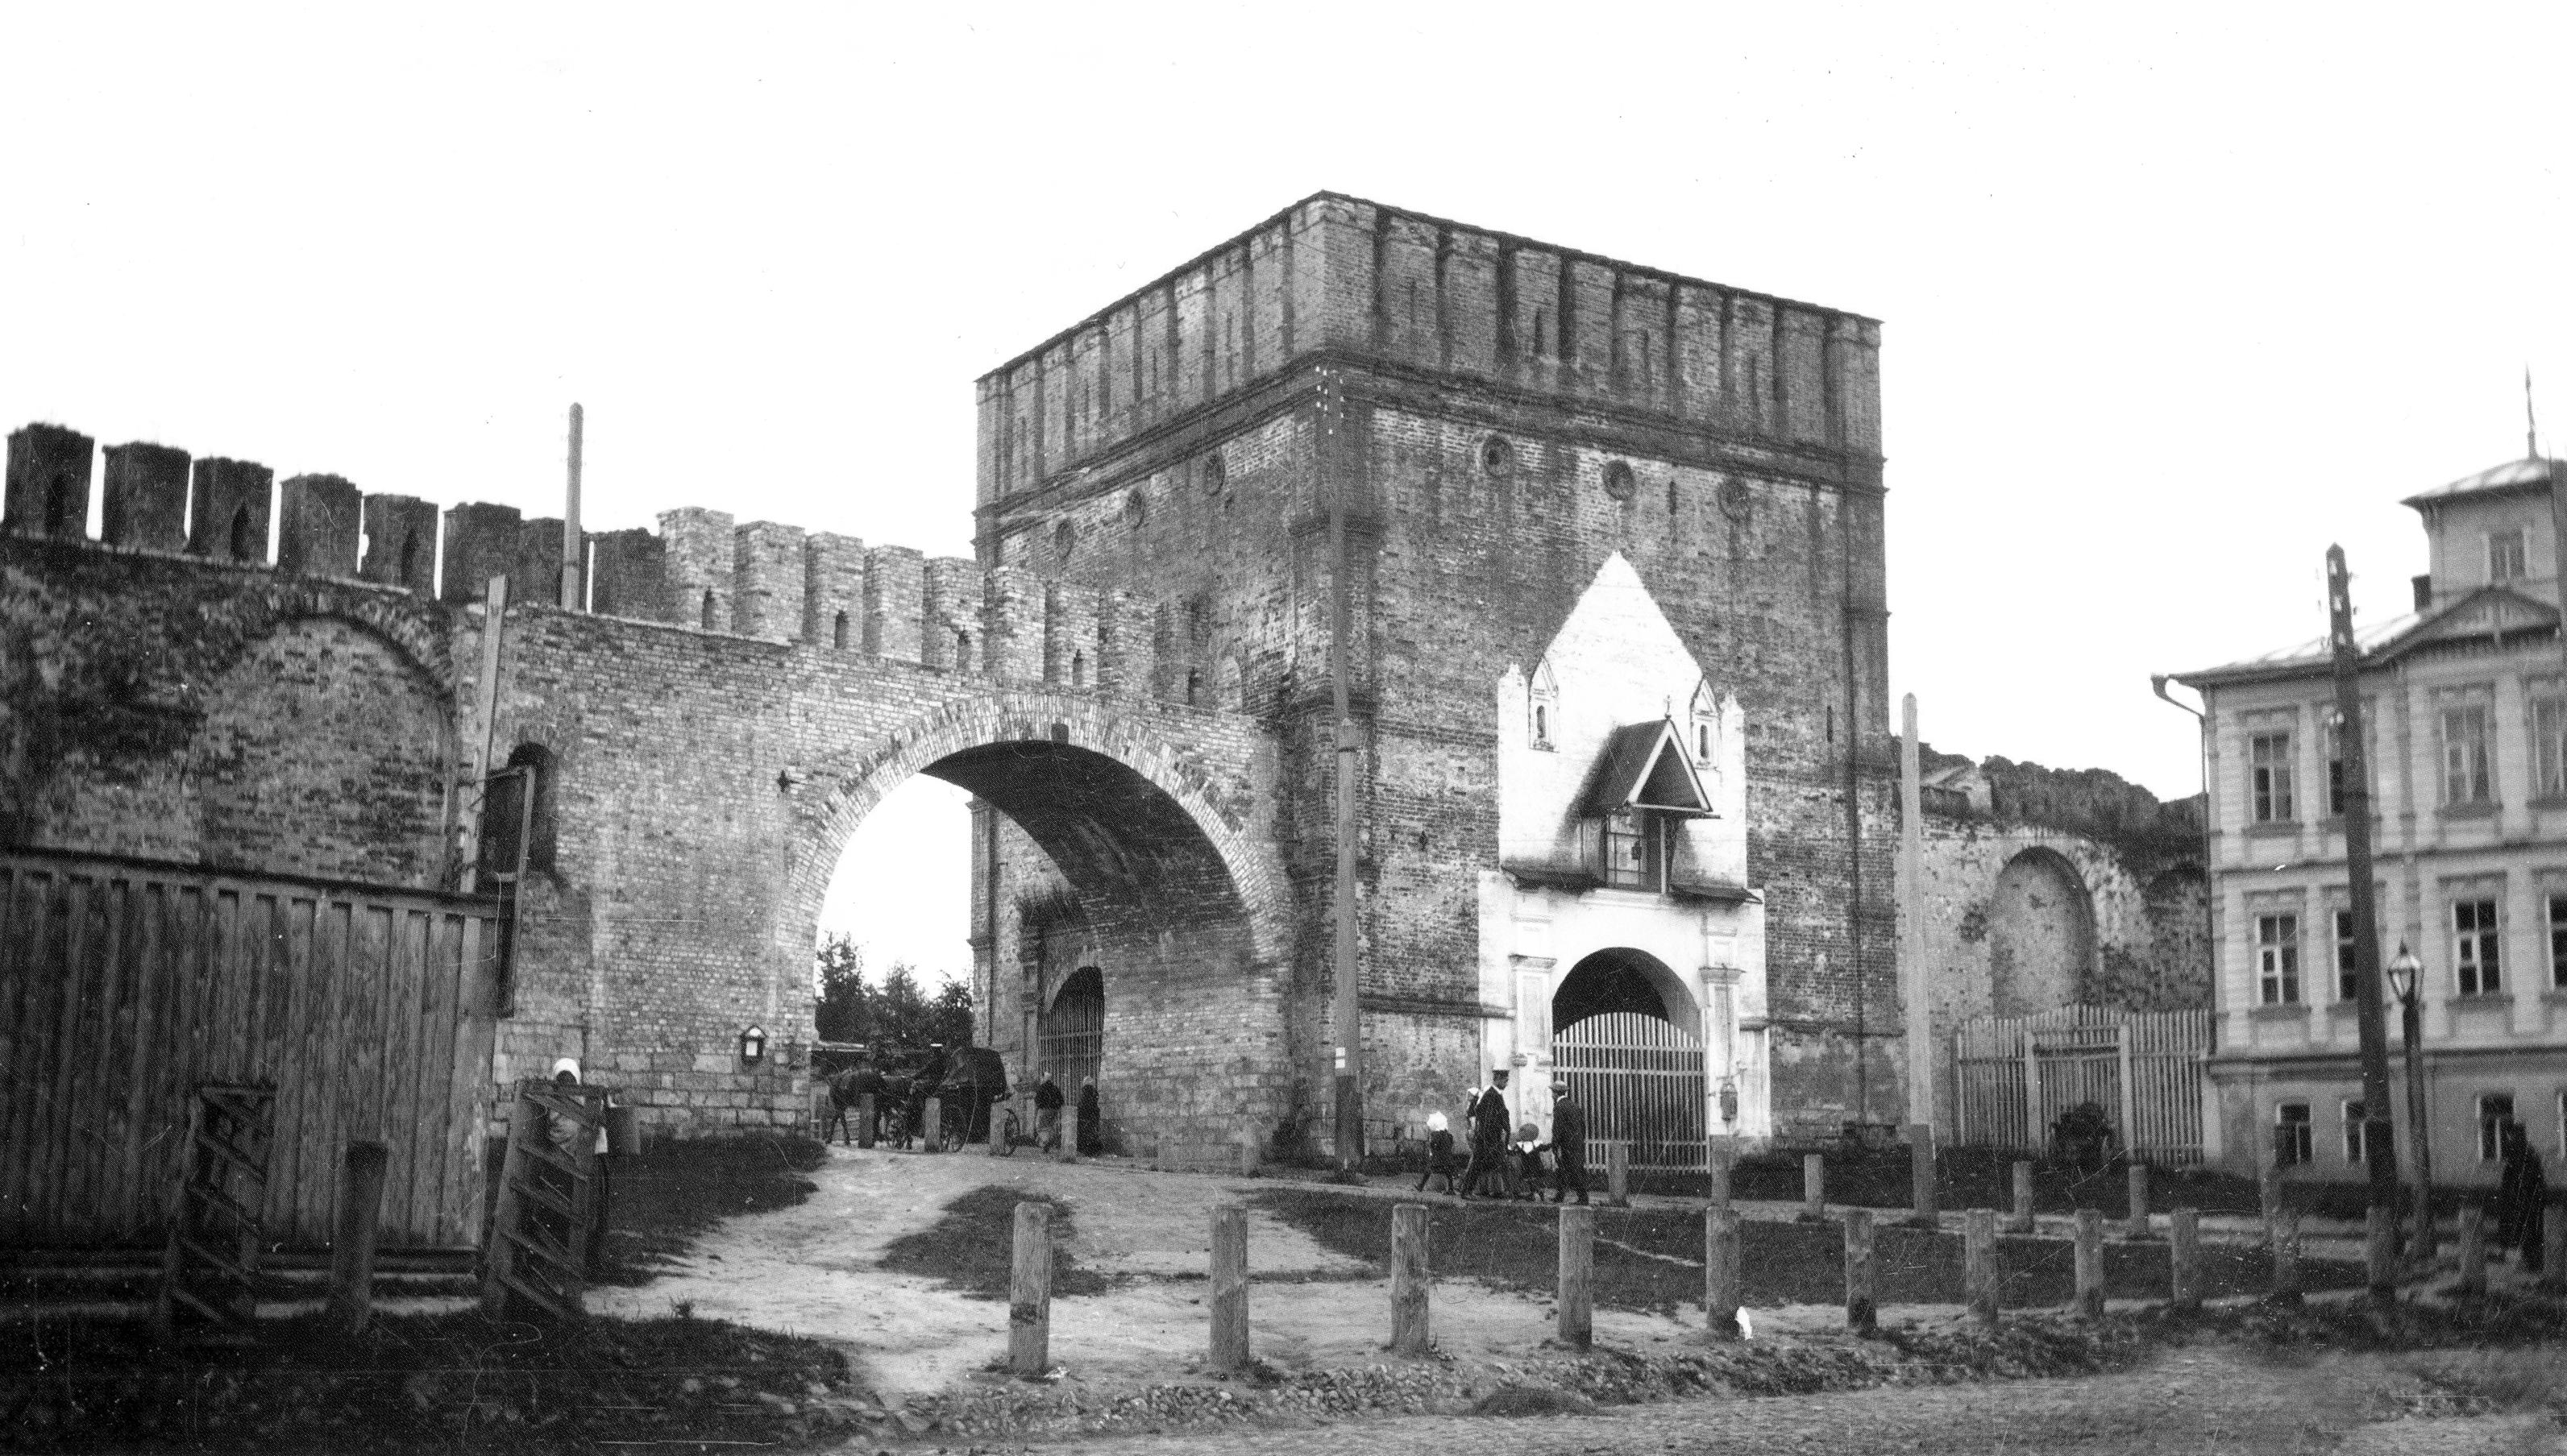 Никольская башня и арка для трамвая. 1907